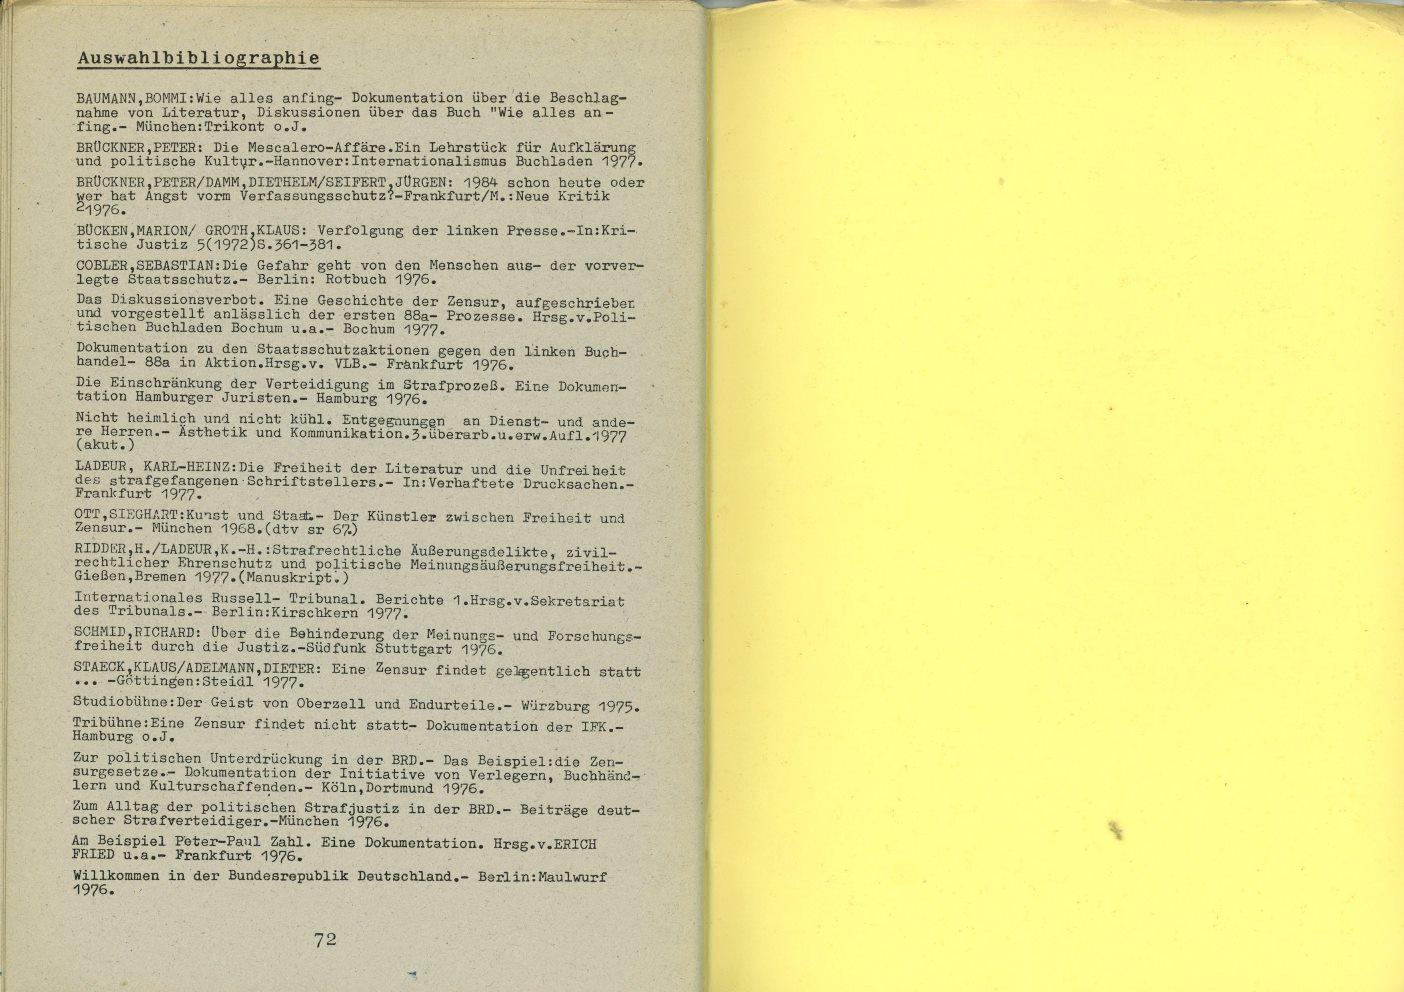 Stuttgart_AGRT_Menschenrechtsverletzungen_Leseheft_1978_38